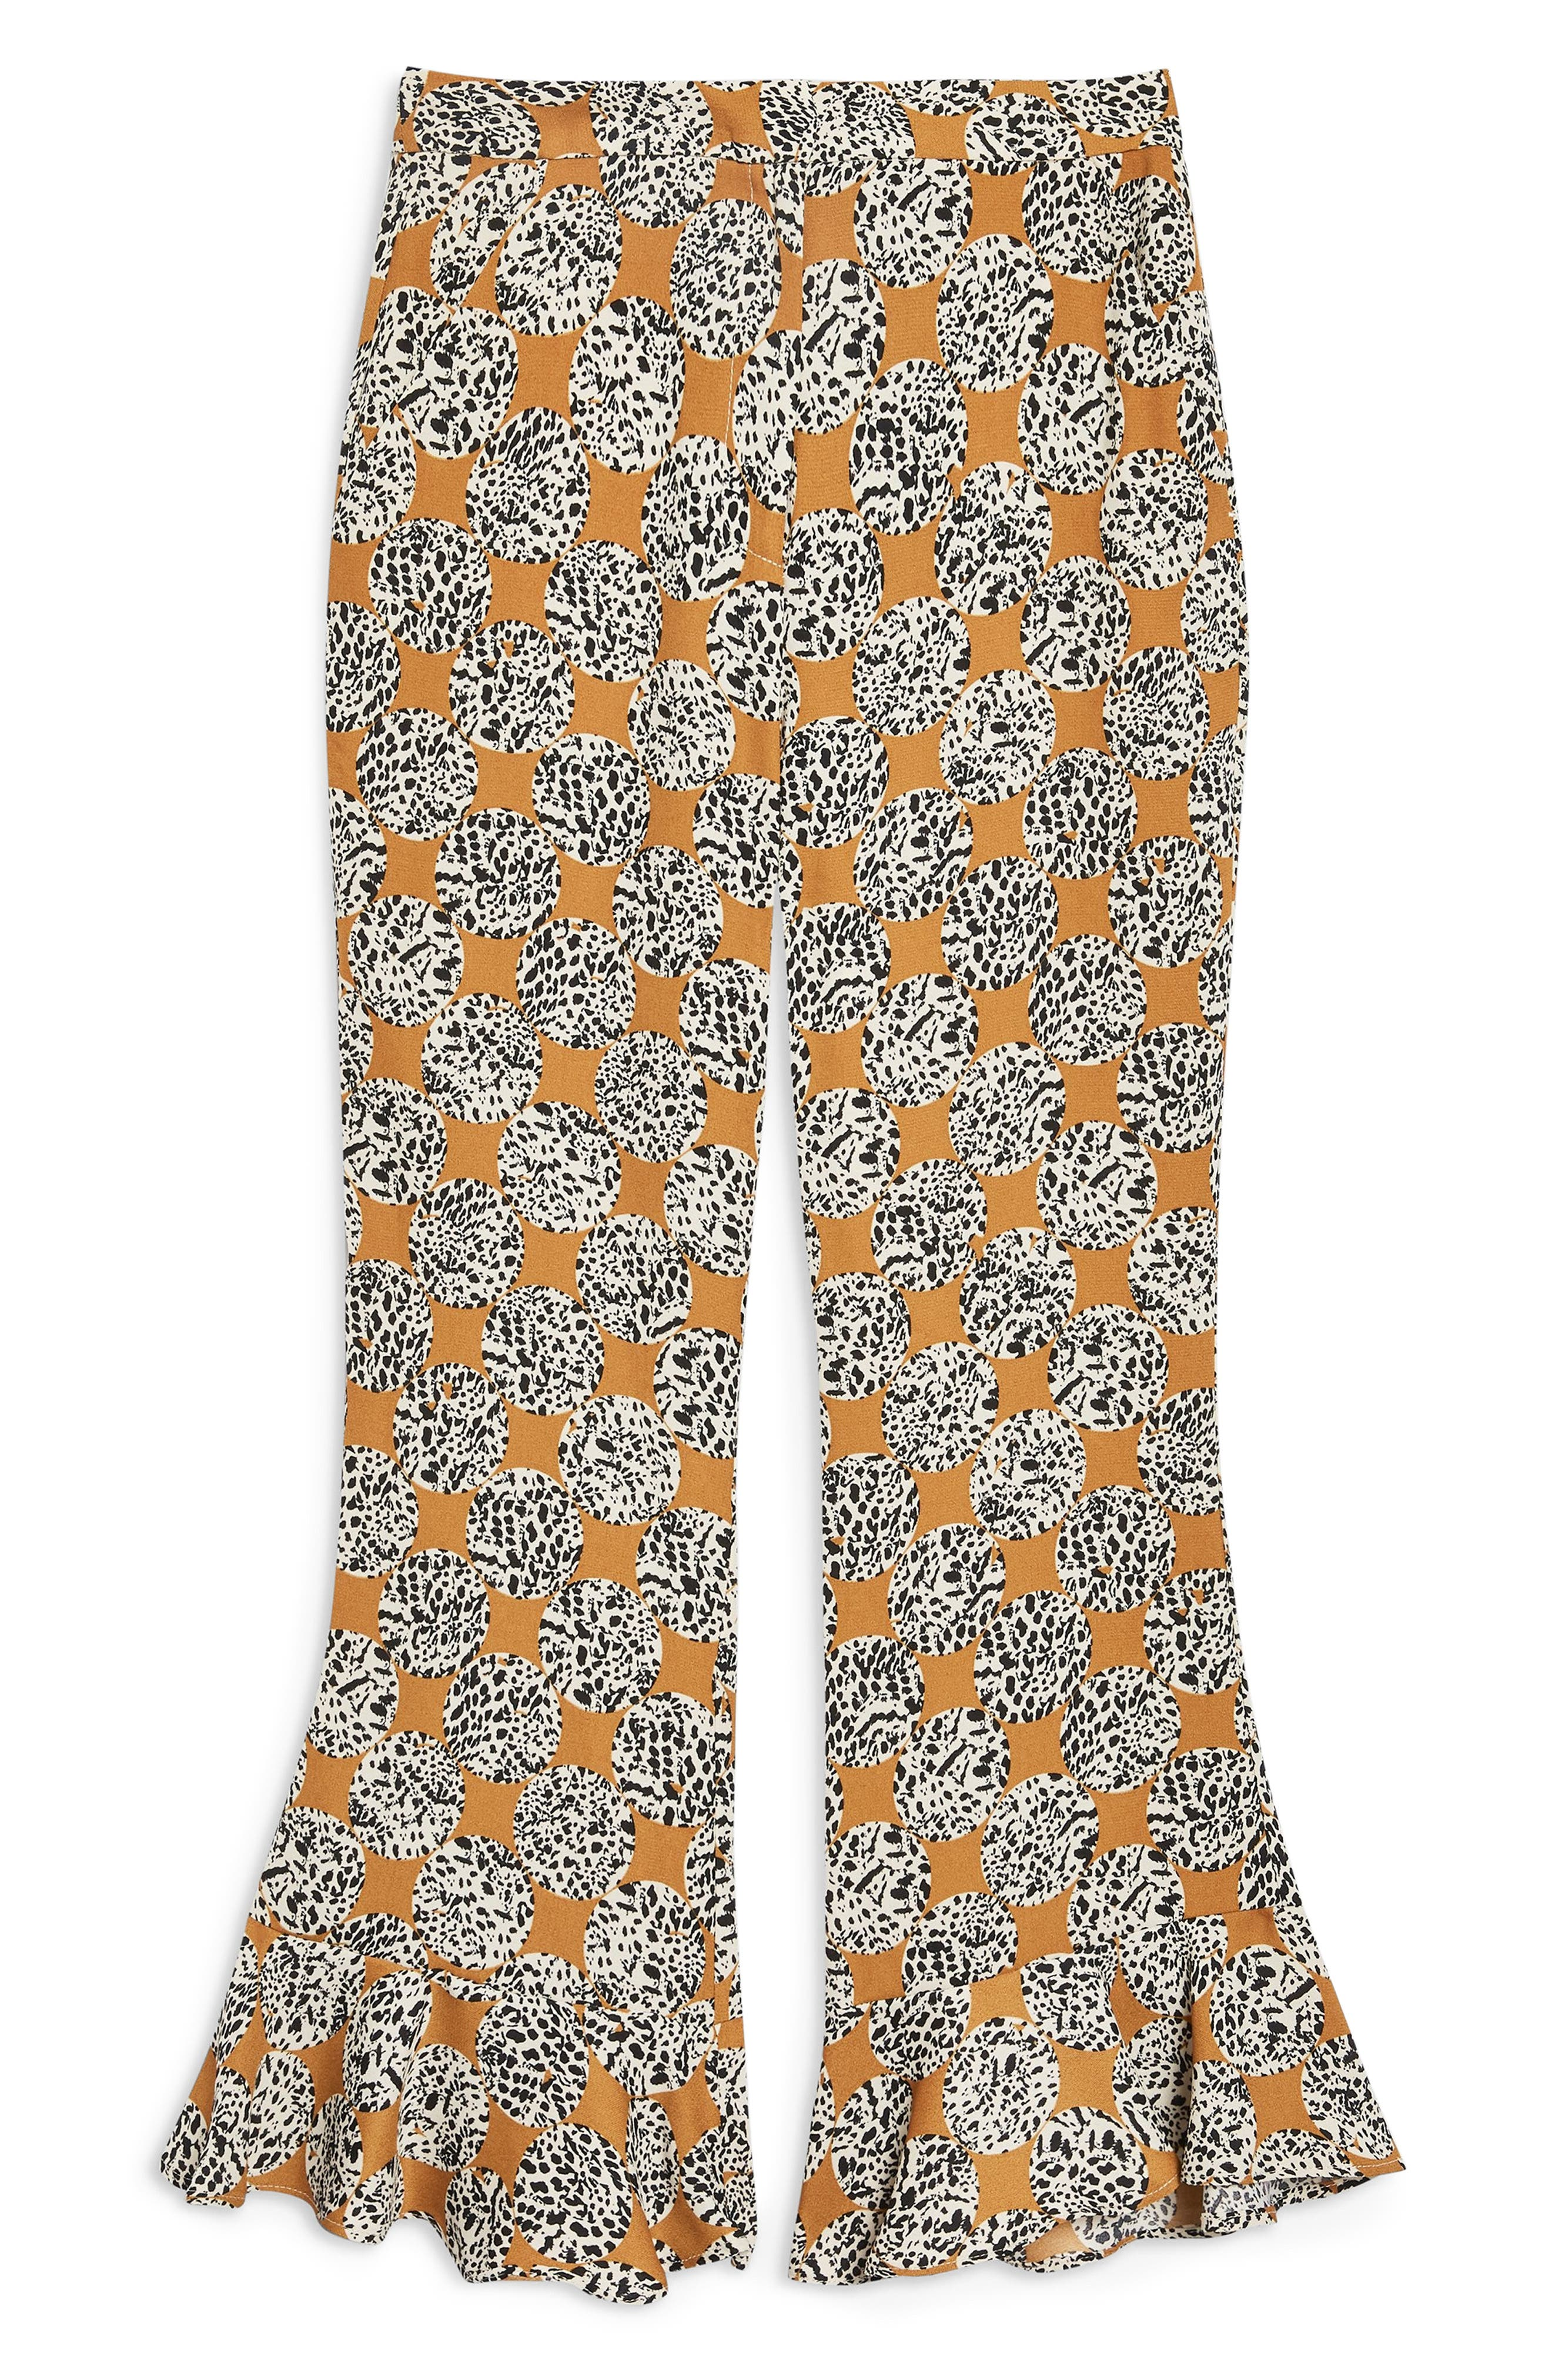 Leopard Spot Frill Trousers,                             Alternate thumbnail 4, color,                             TAN MULTI